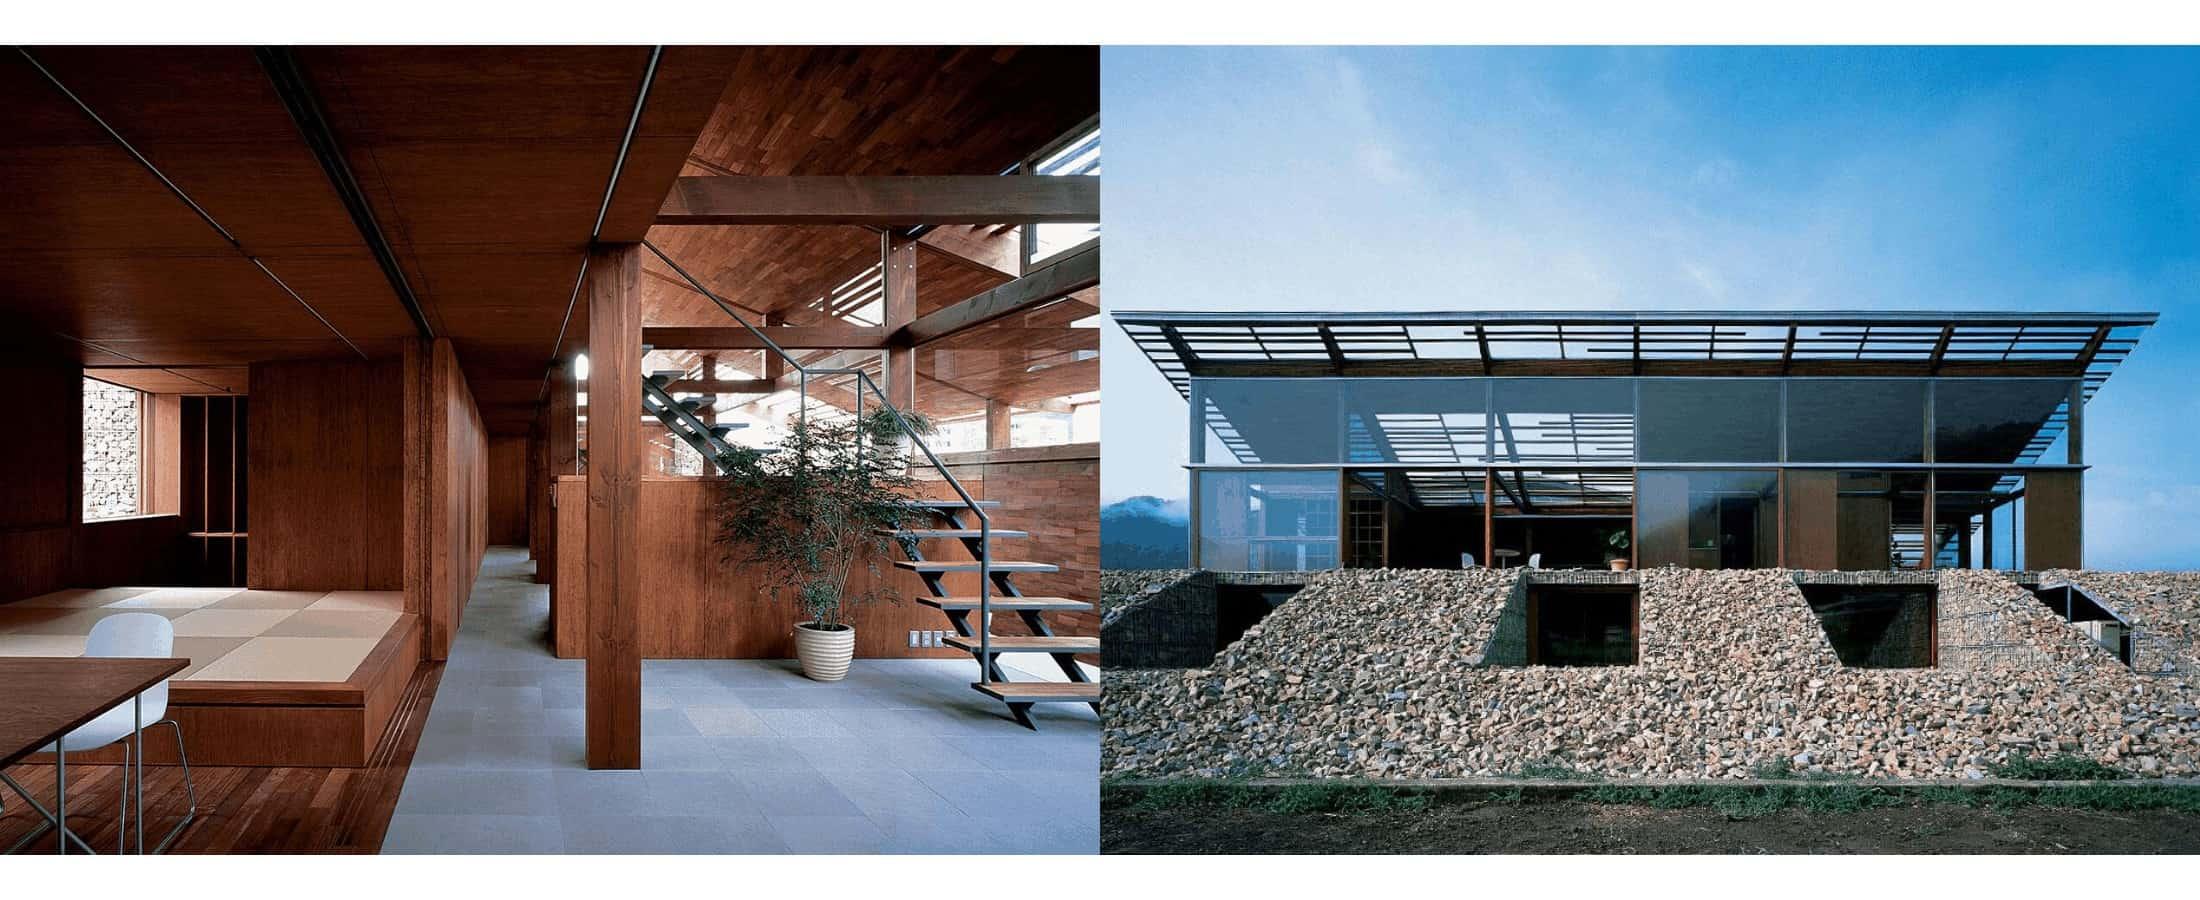 Hiroshi Sambuichi's Stone House | OLEDWorks